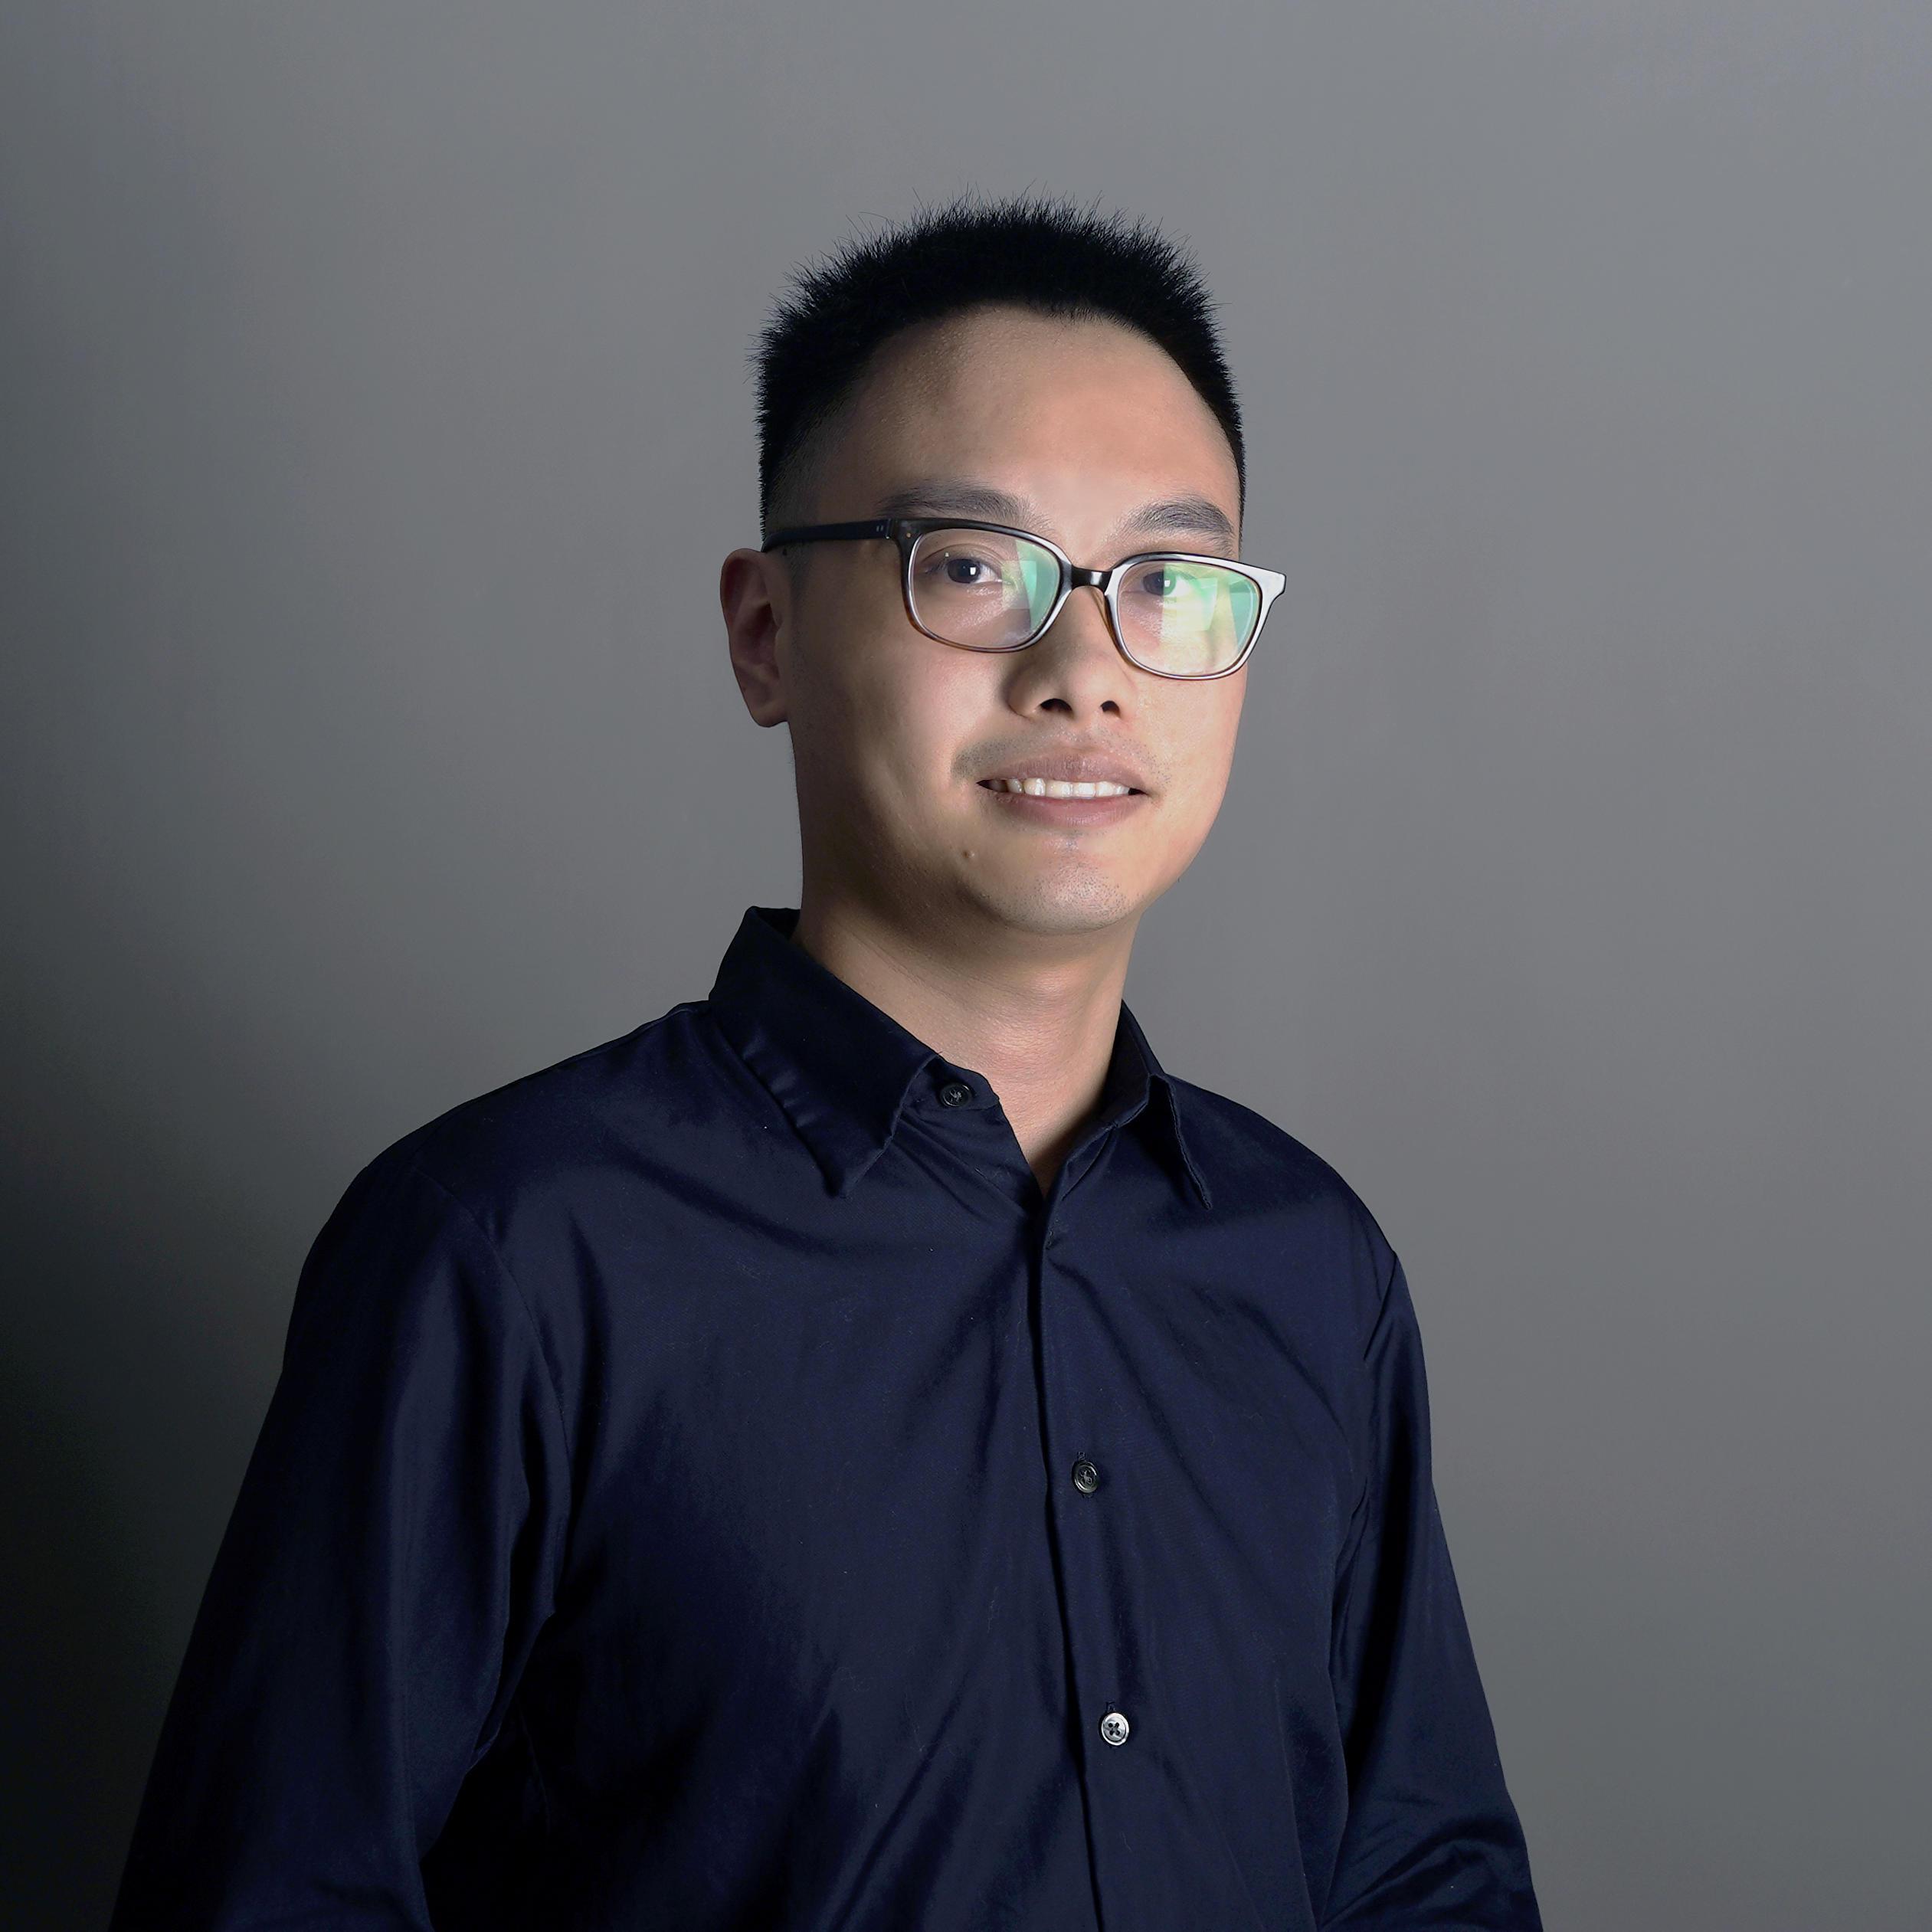 腾讯互动娱乐事业群增值服务部高级工程师田甜照片